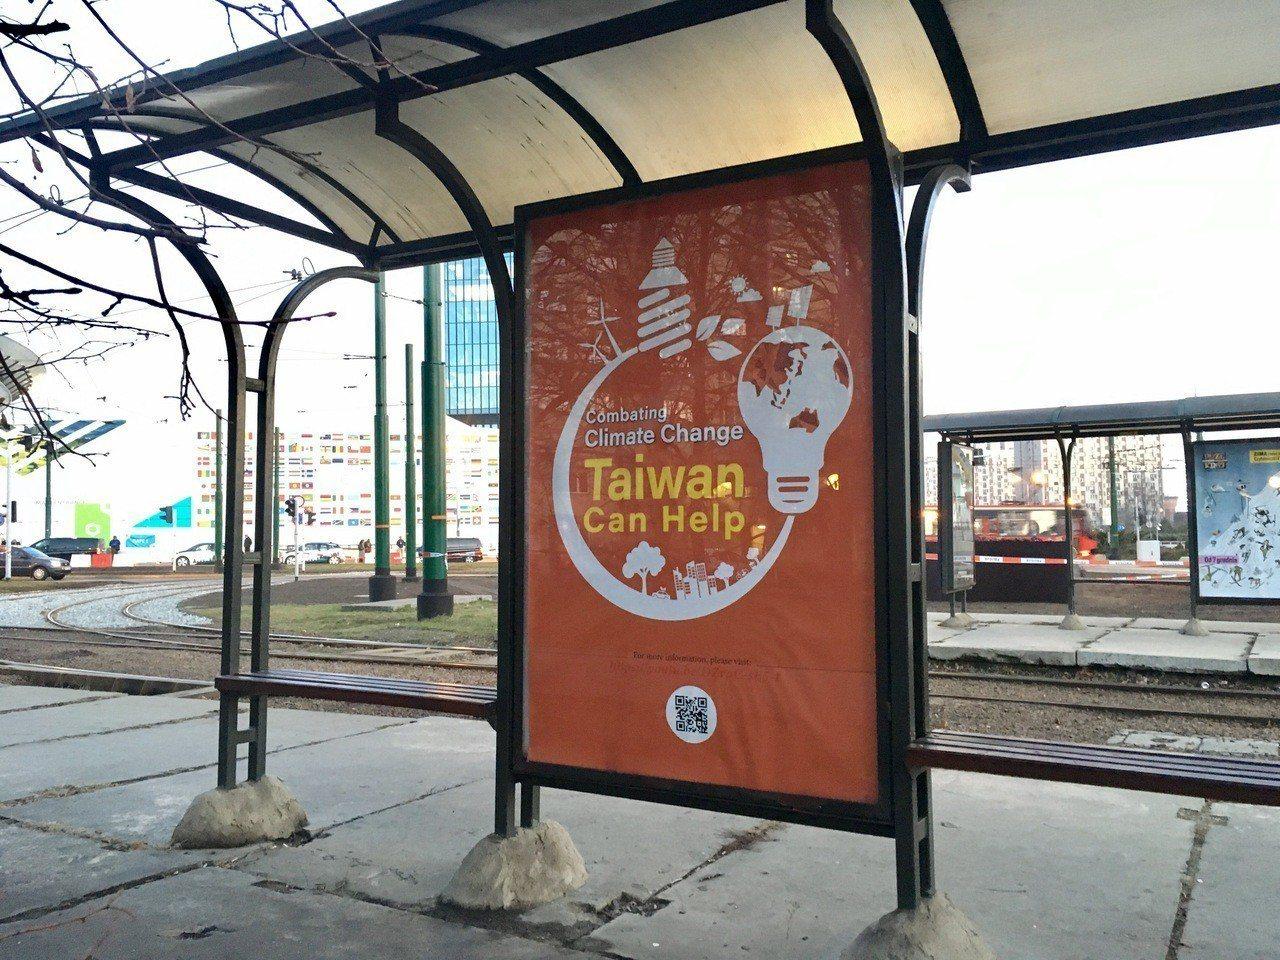 波蘭卡托維治候車亭,出現我國外交部廣告。記者吳姿賢/攝影